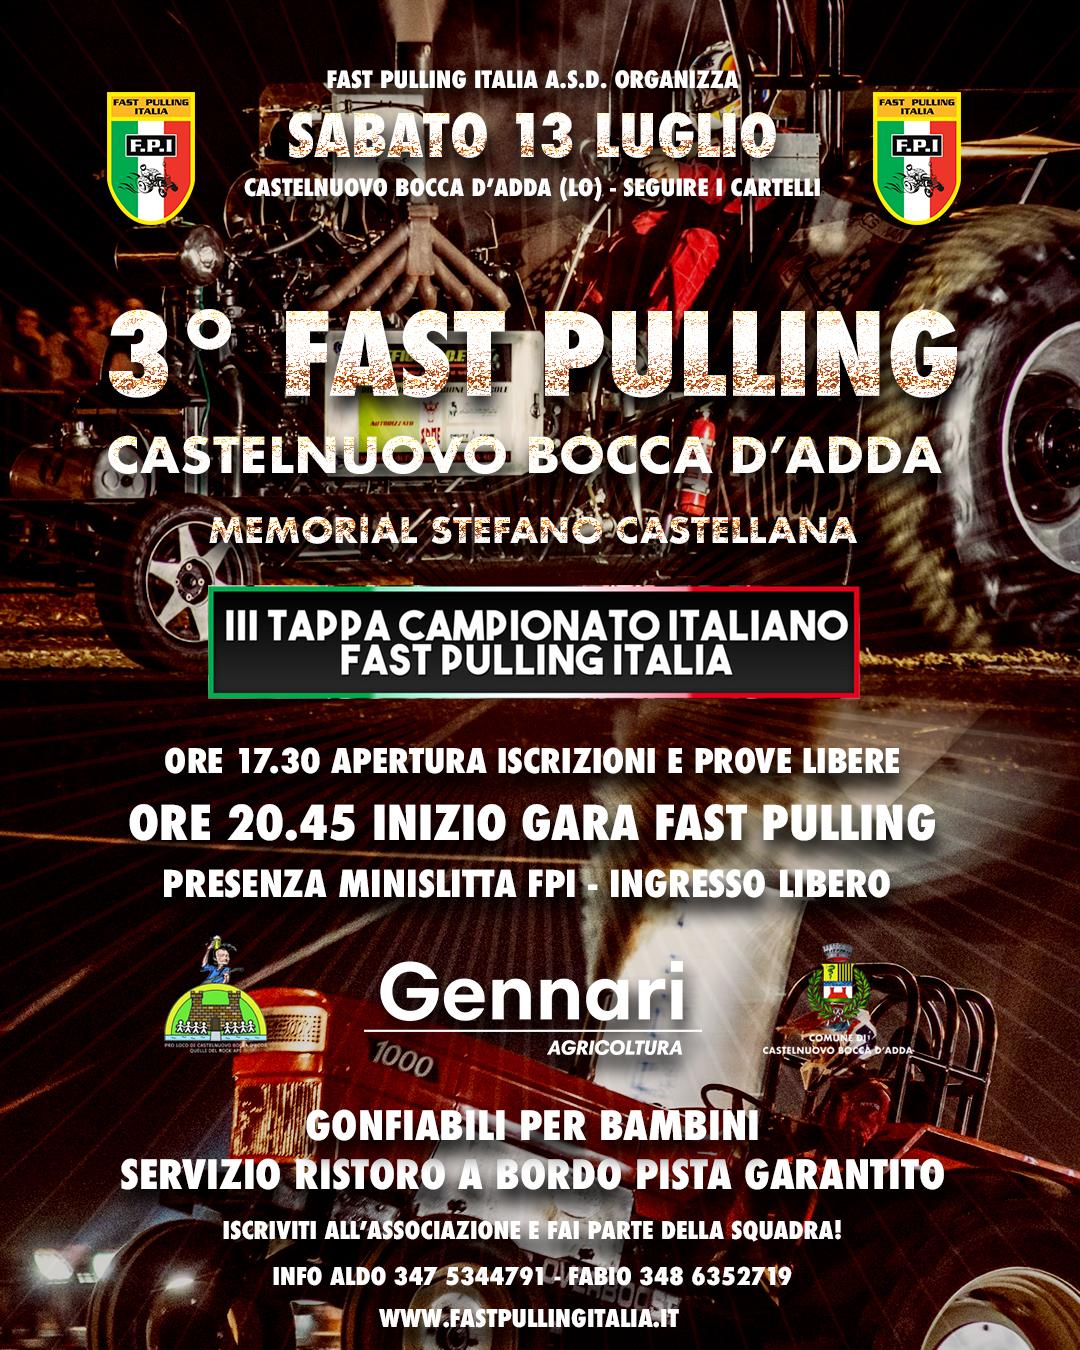 3° FAST PULLING CASTELNUOVO BOCCA D'ADDA (LO)